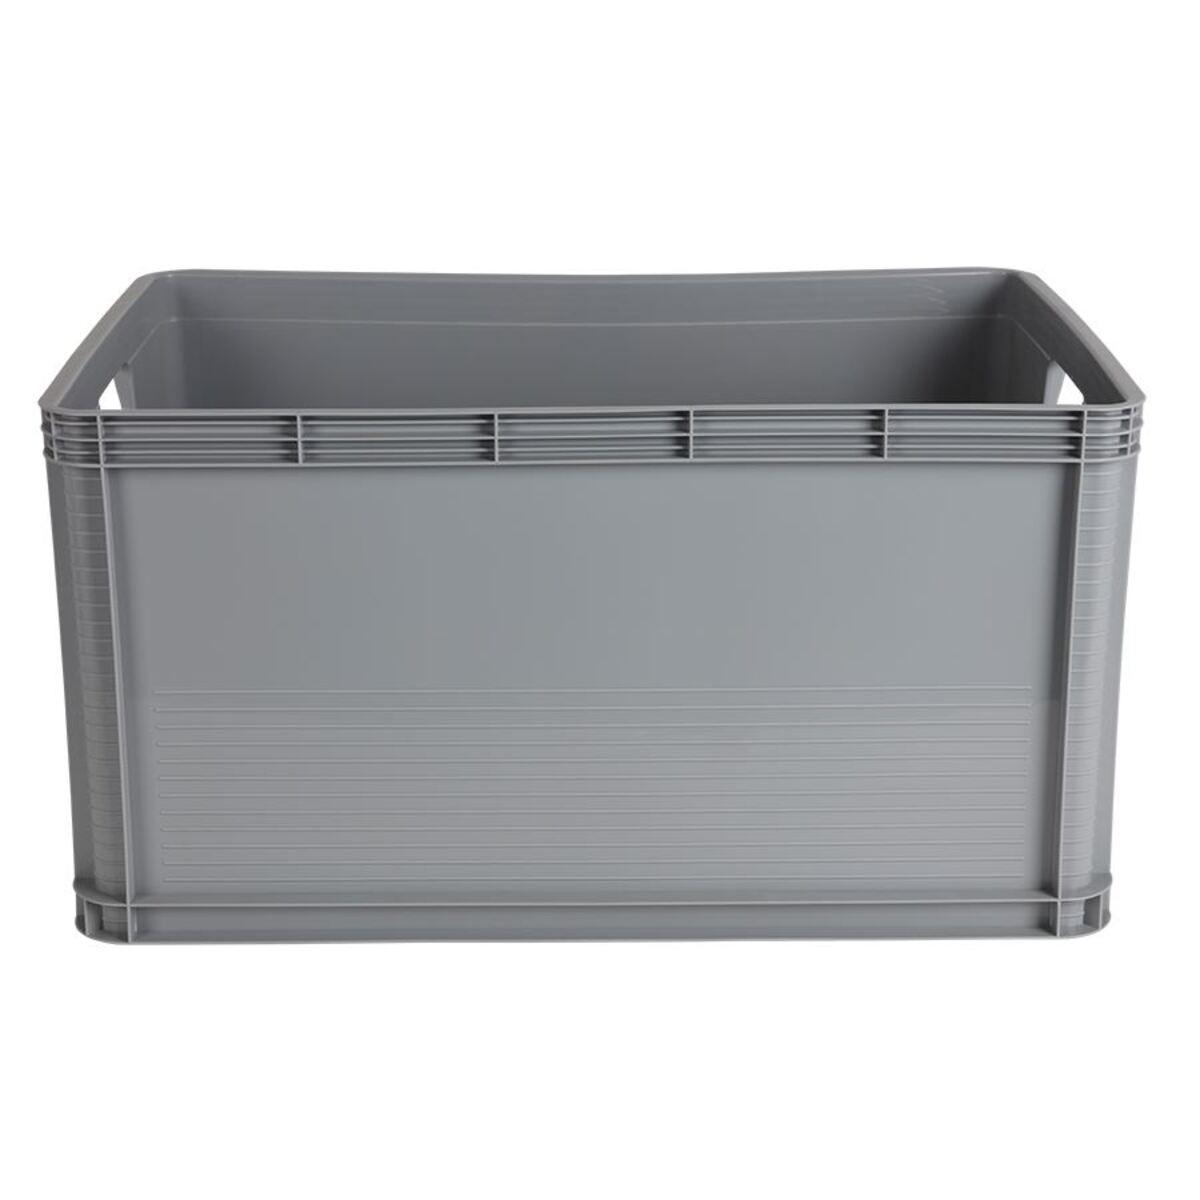 Bild 4 von Robusto-Box 64 Liter